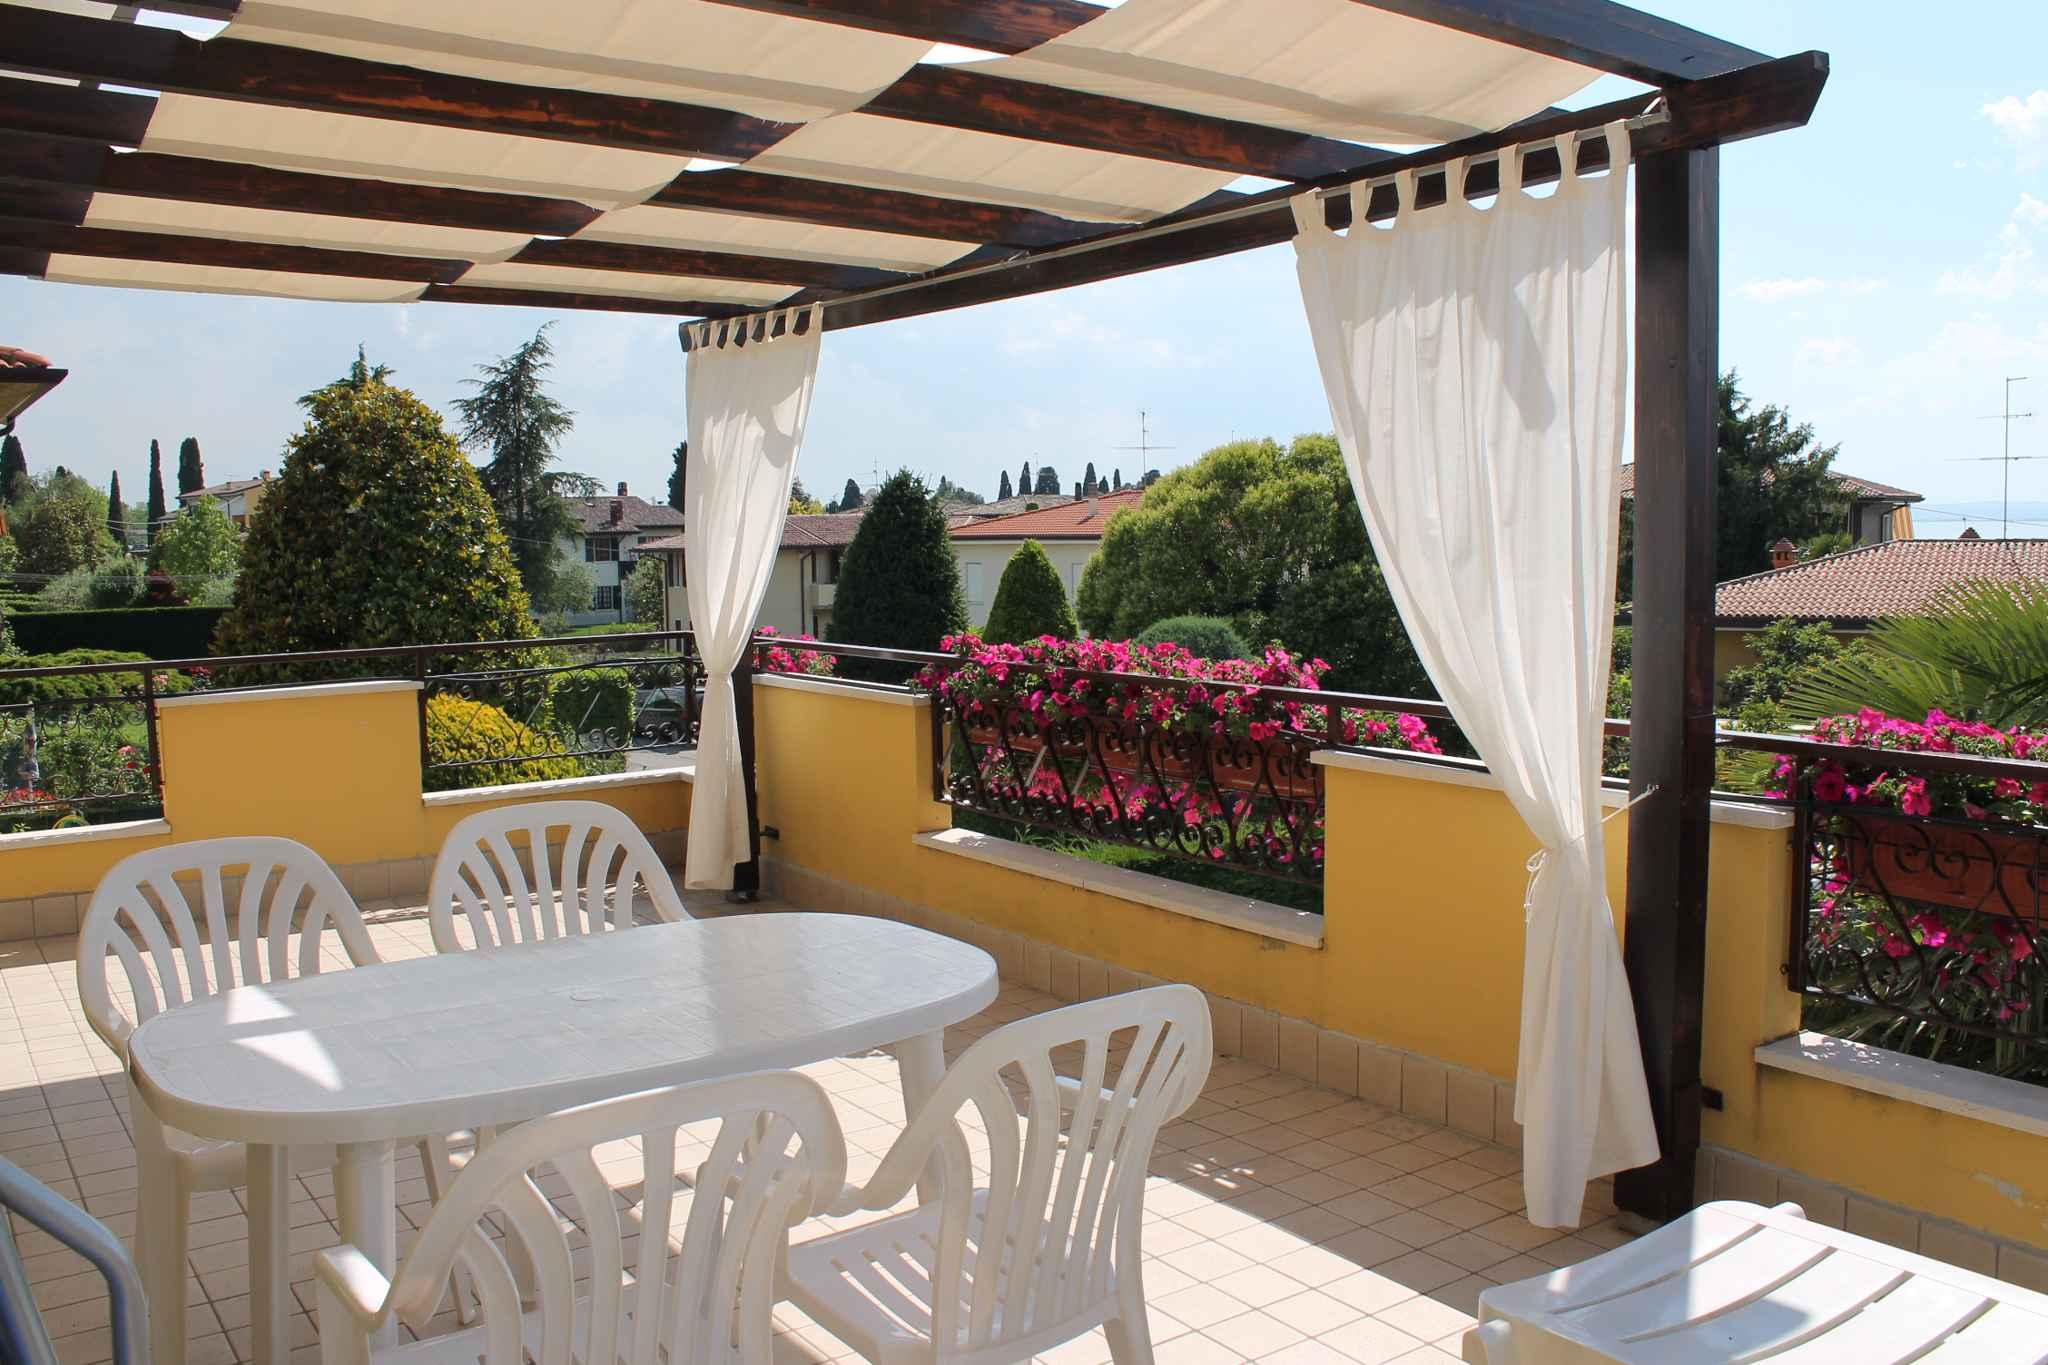 Ferienwohnung con balcone (480312), Lazise, Gardasee, Venetien, Italien, Bild 17